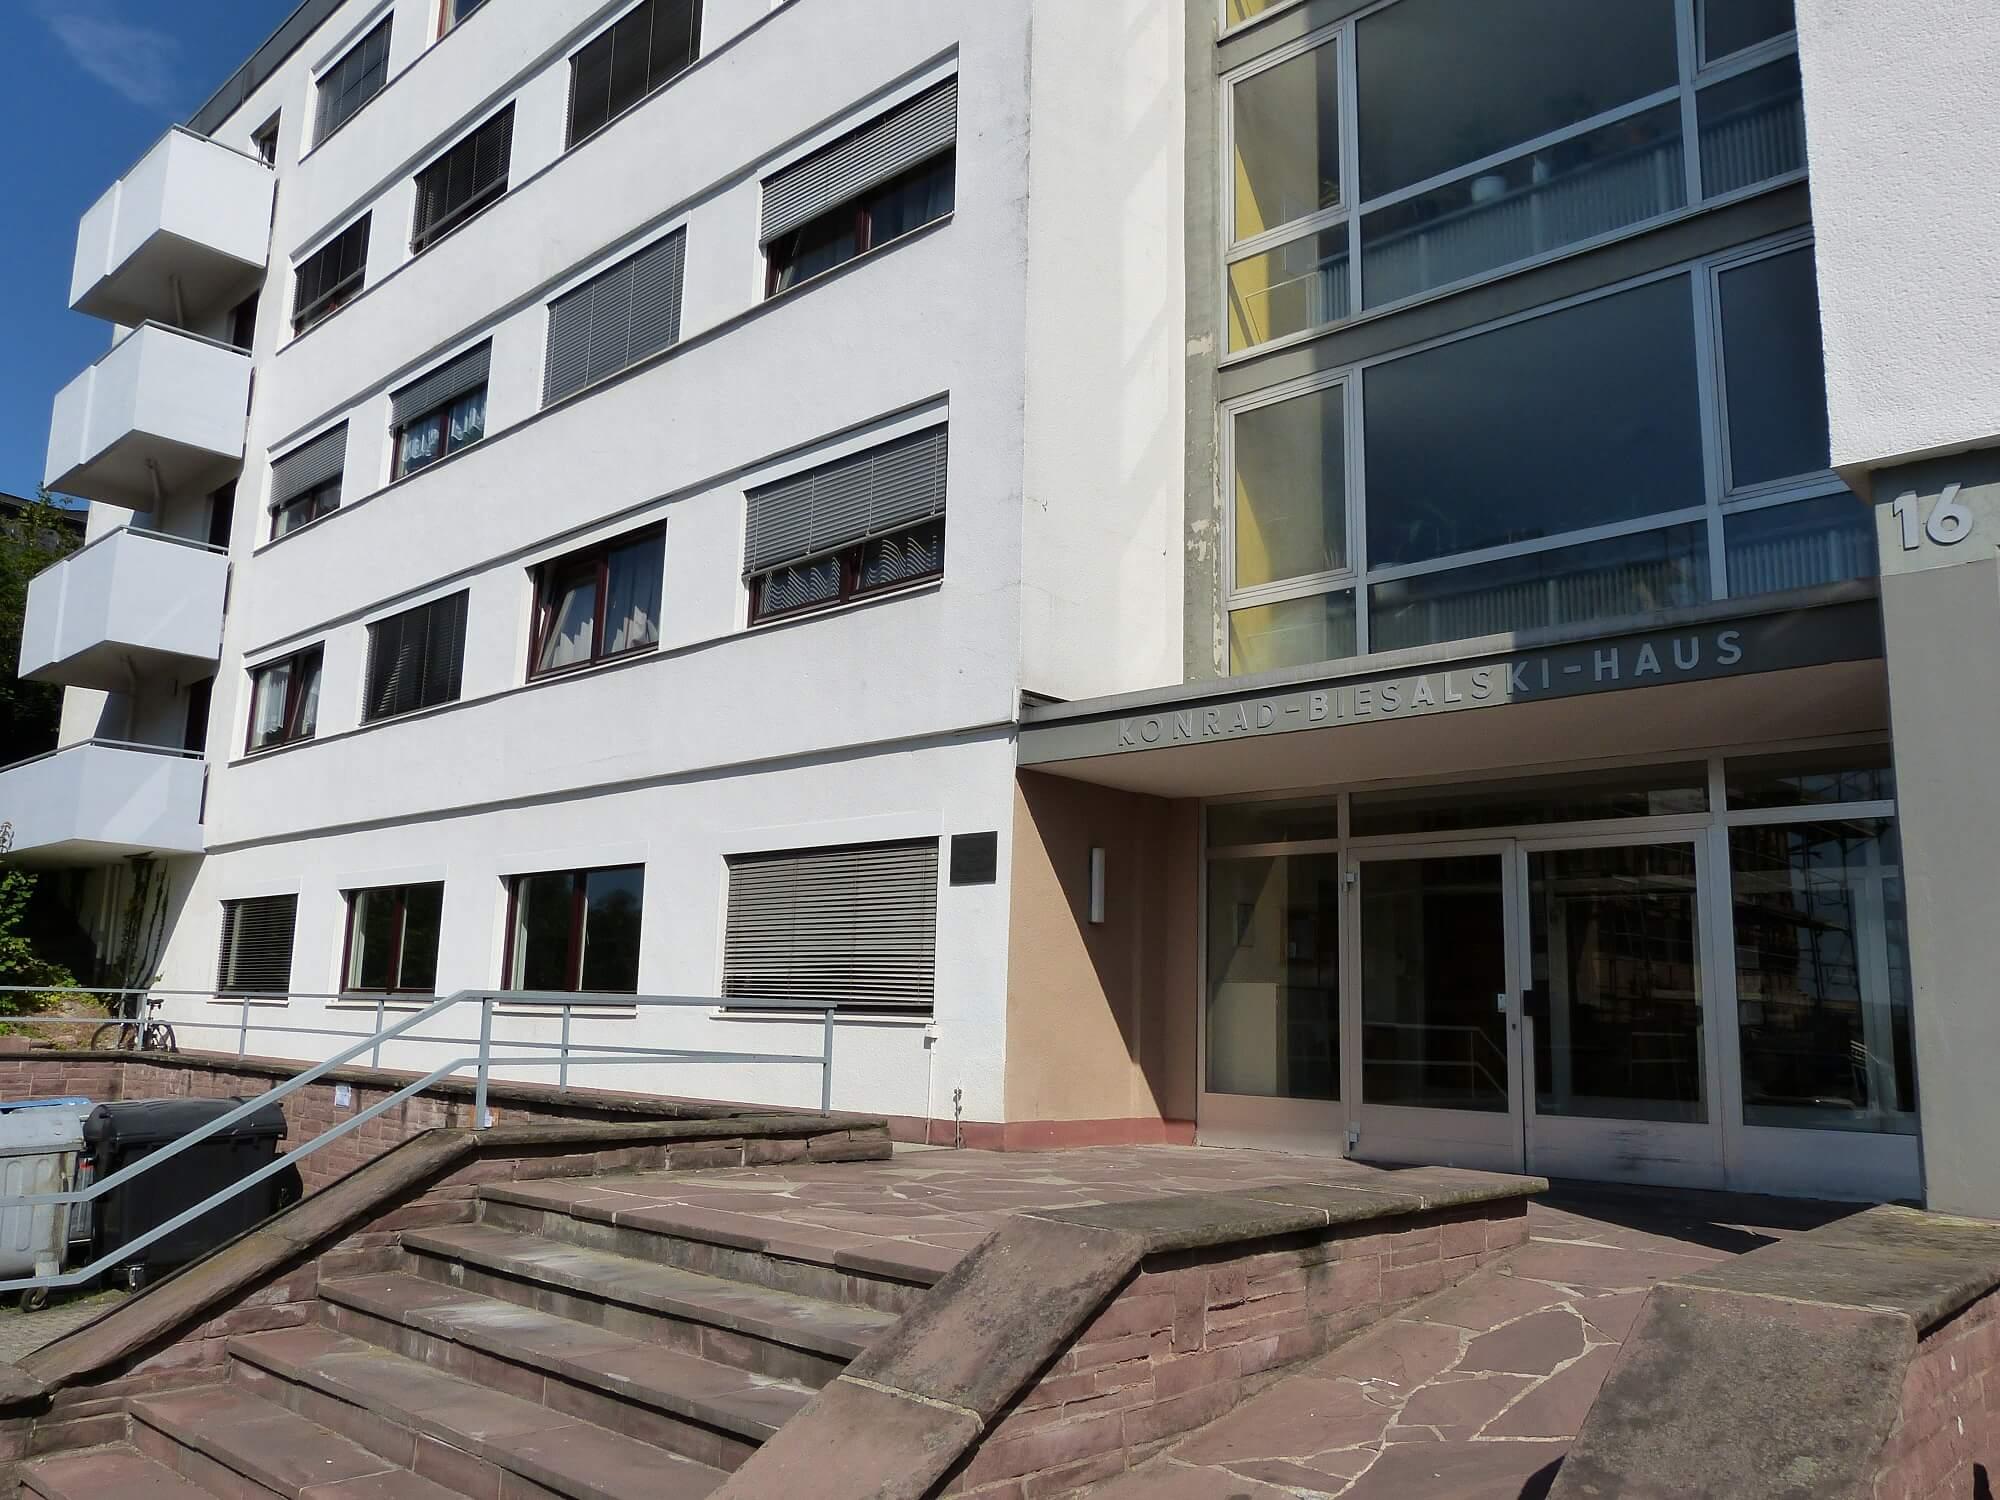 Das Konrad-Biesalski-Haus muss vorübergehend den Pflegebetrieb einstellen